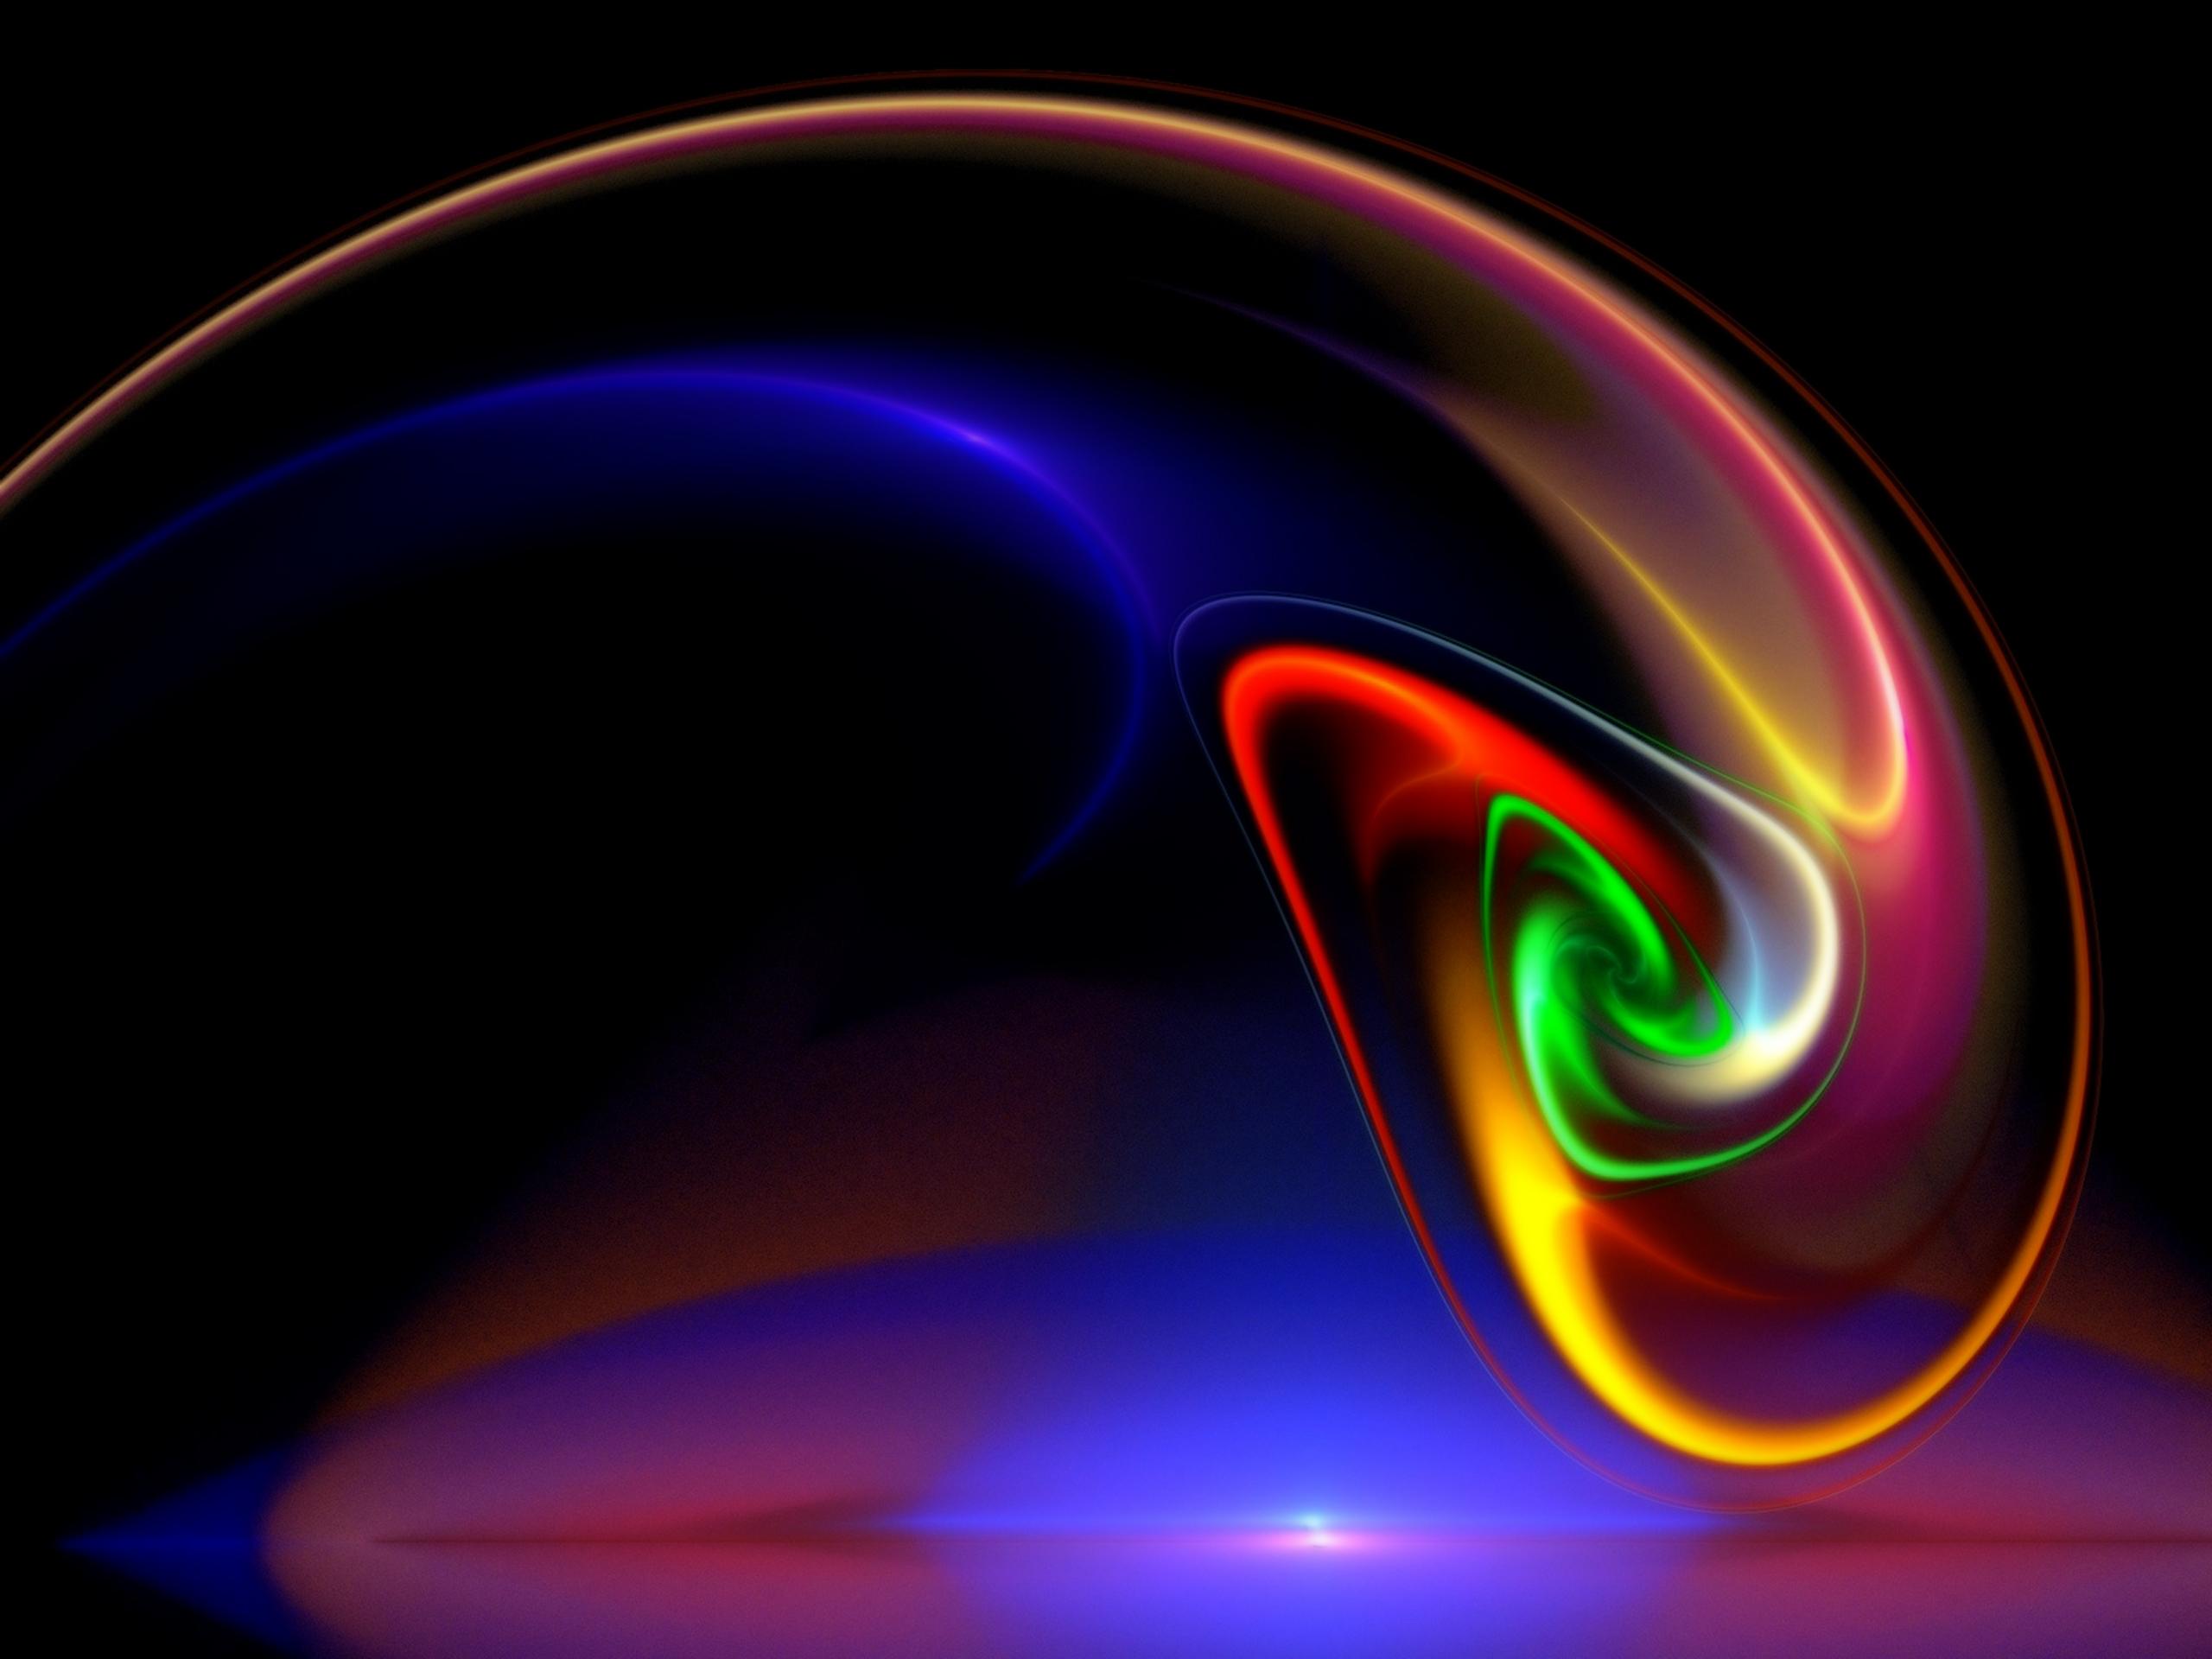 43 Colorful Desktop Backgrounds   Technosamrat 2560x1920